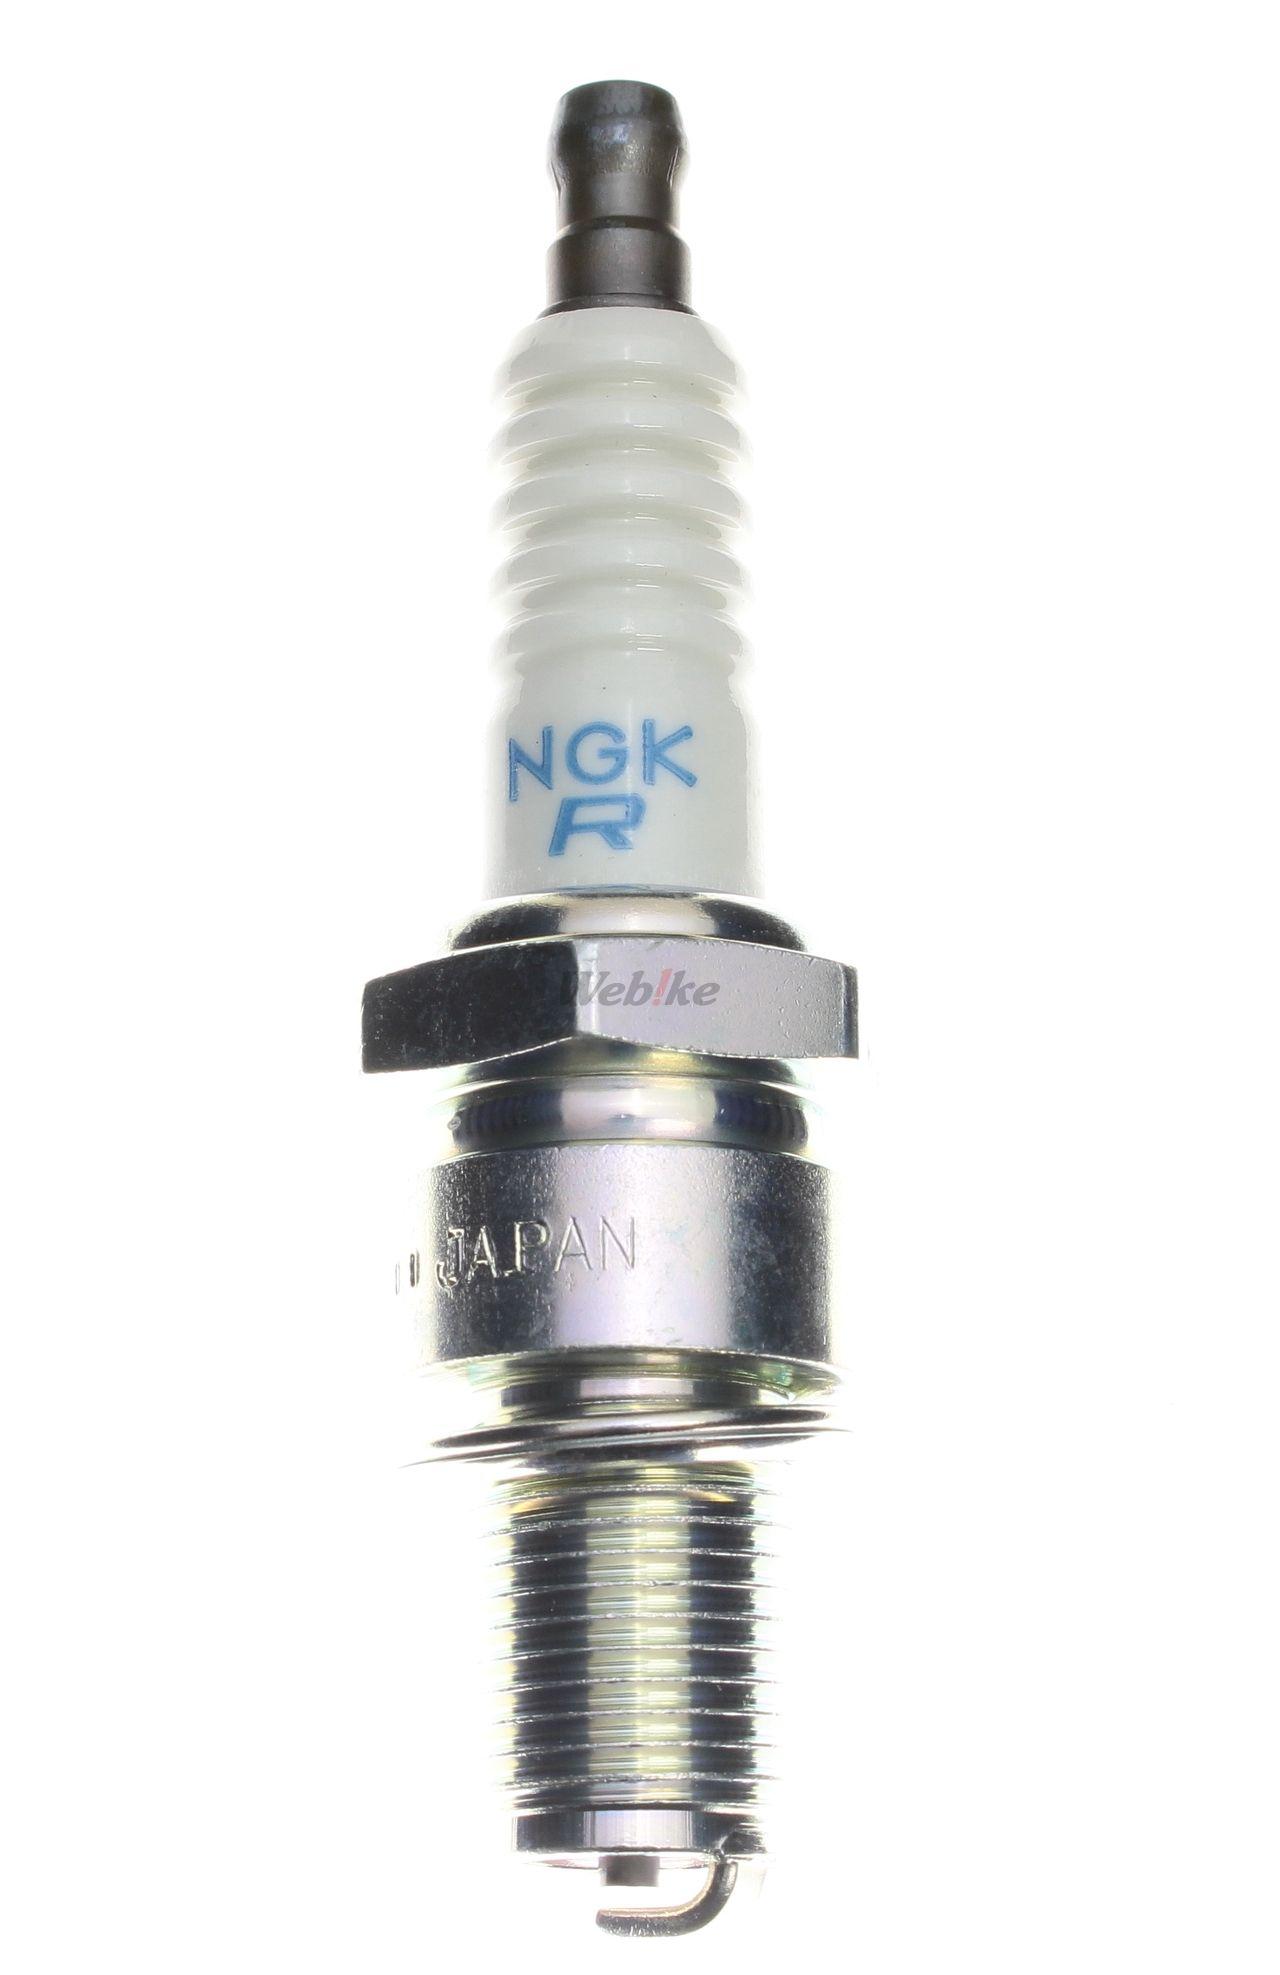 【NGK】標準型 火星塞 BR8ES 3961 - 「Webike-摩托百貨」